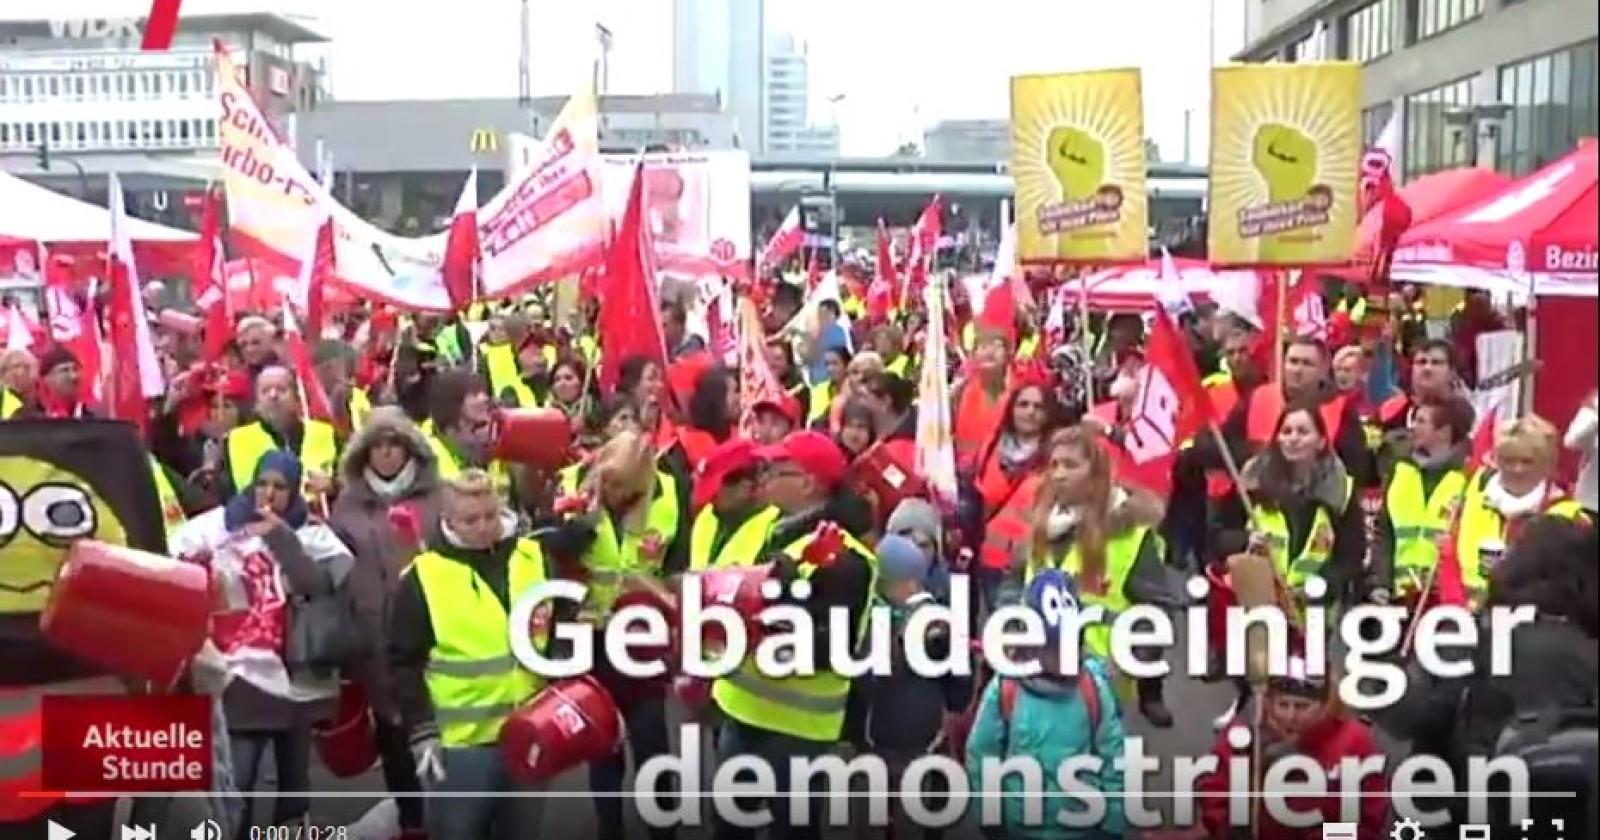 WDR: Gebäudereiniger demonstrieren in Essen